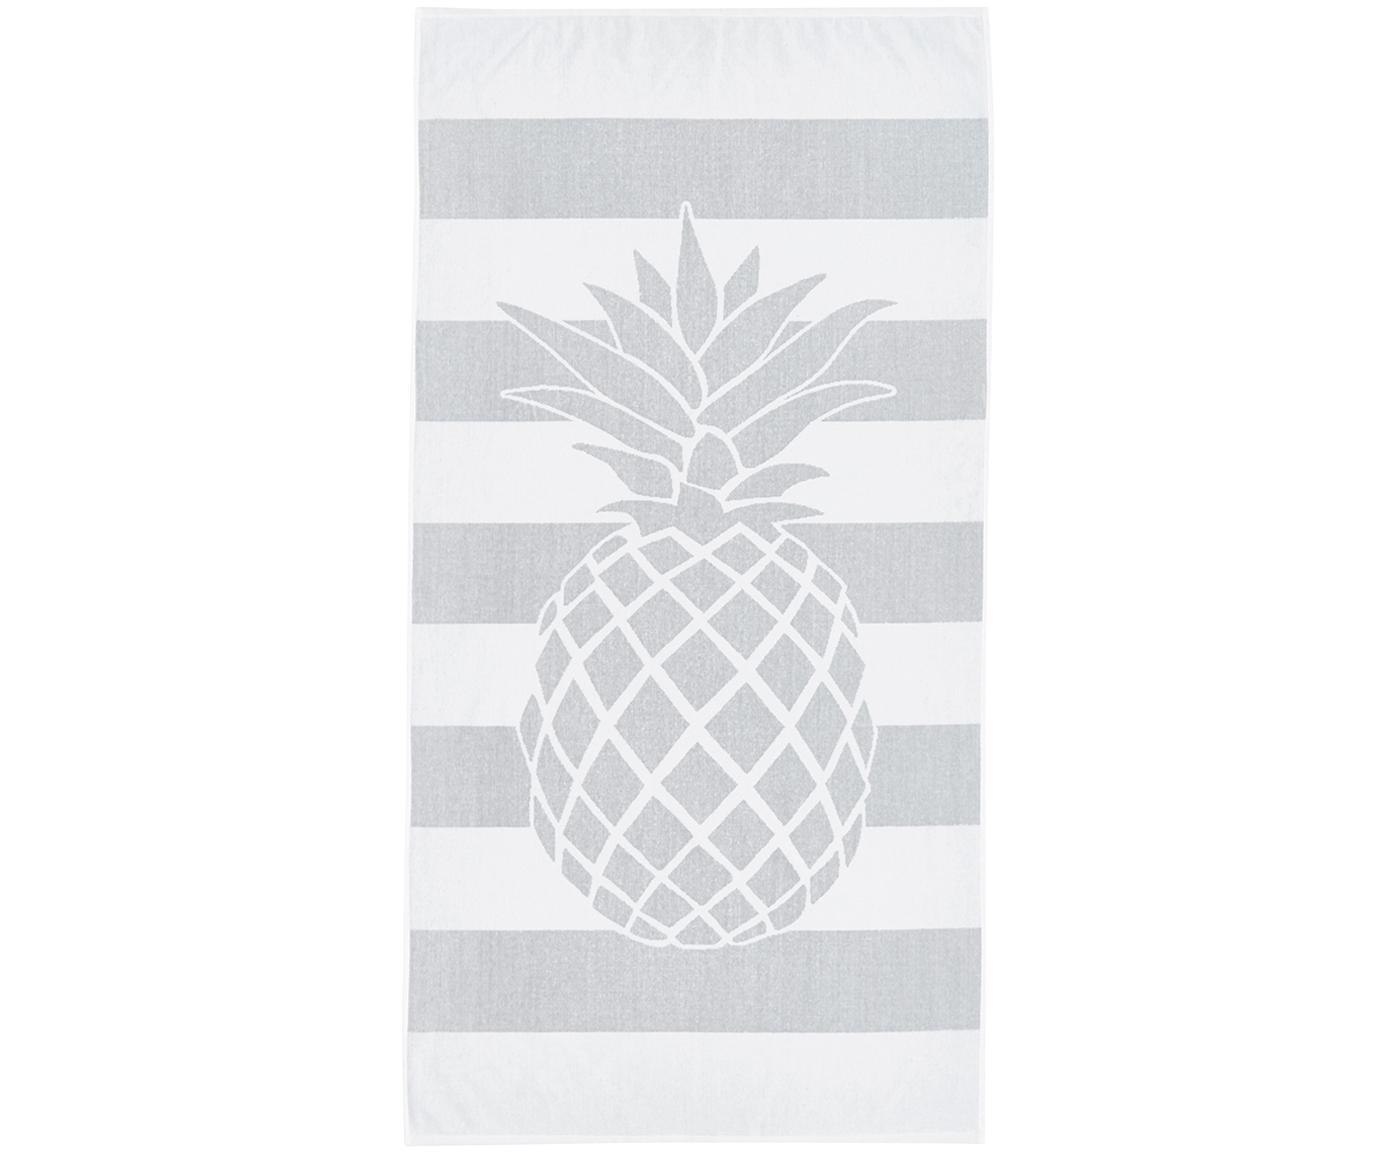 Telo mare a righe con motivo ananas Anas, Cotone Qualità leggera 380 g/m², Grigio, bianco, Larg. 80 x Lung. 160 cm